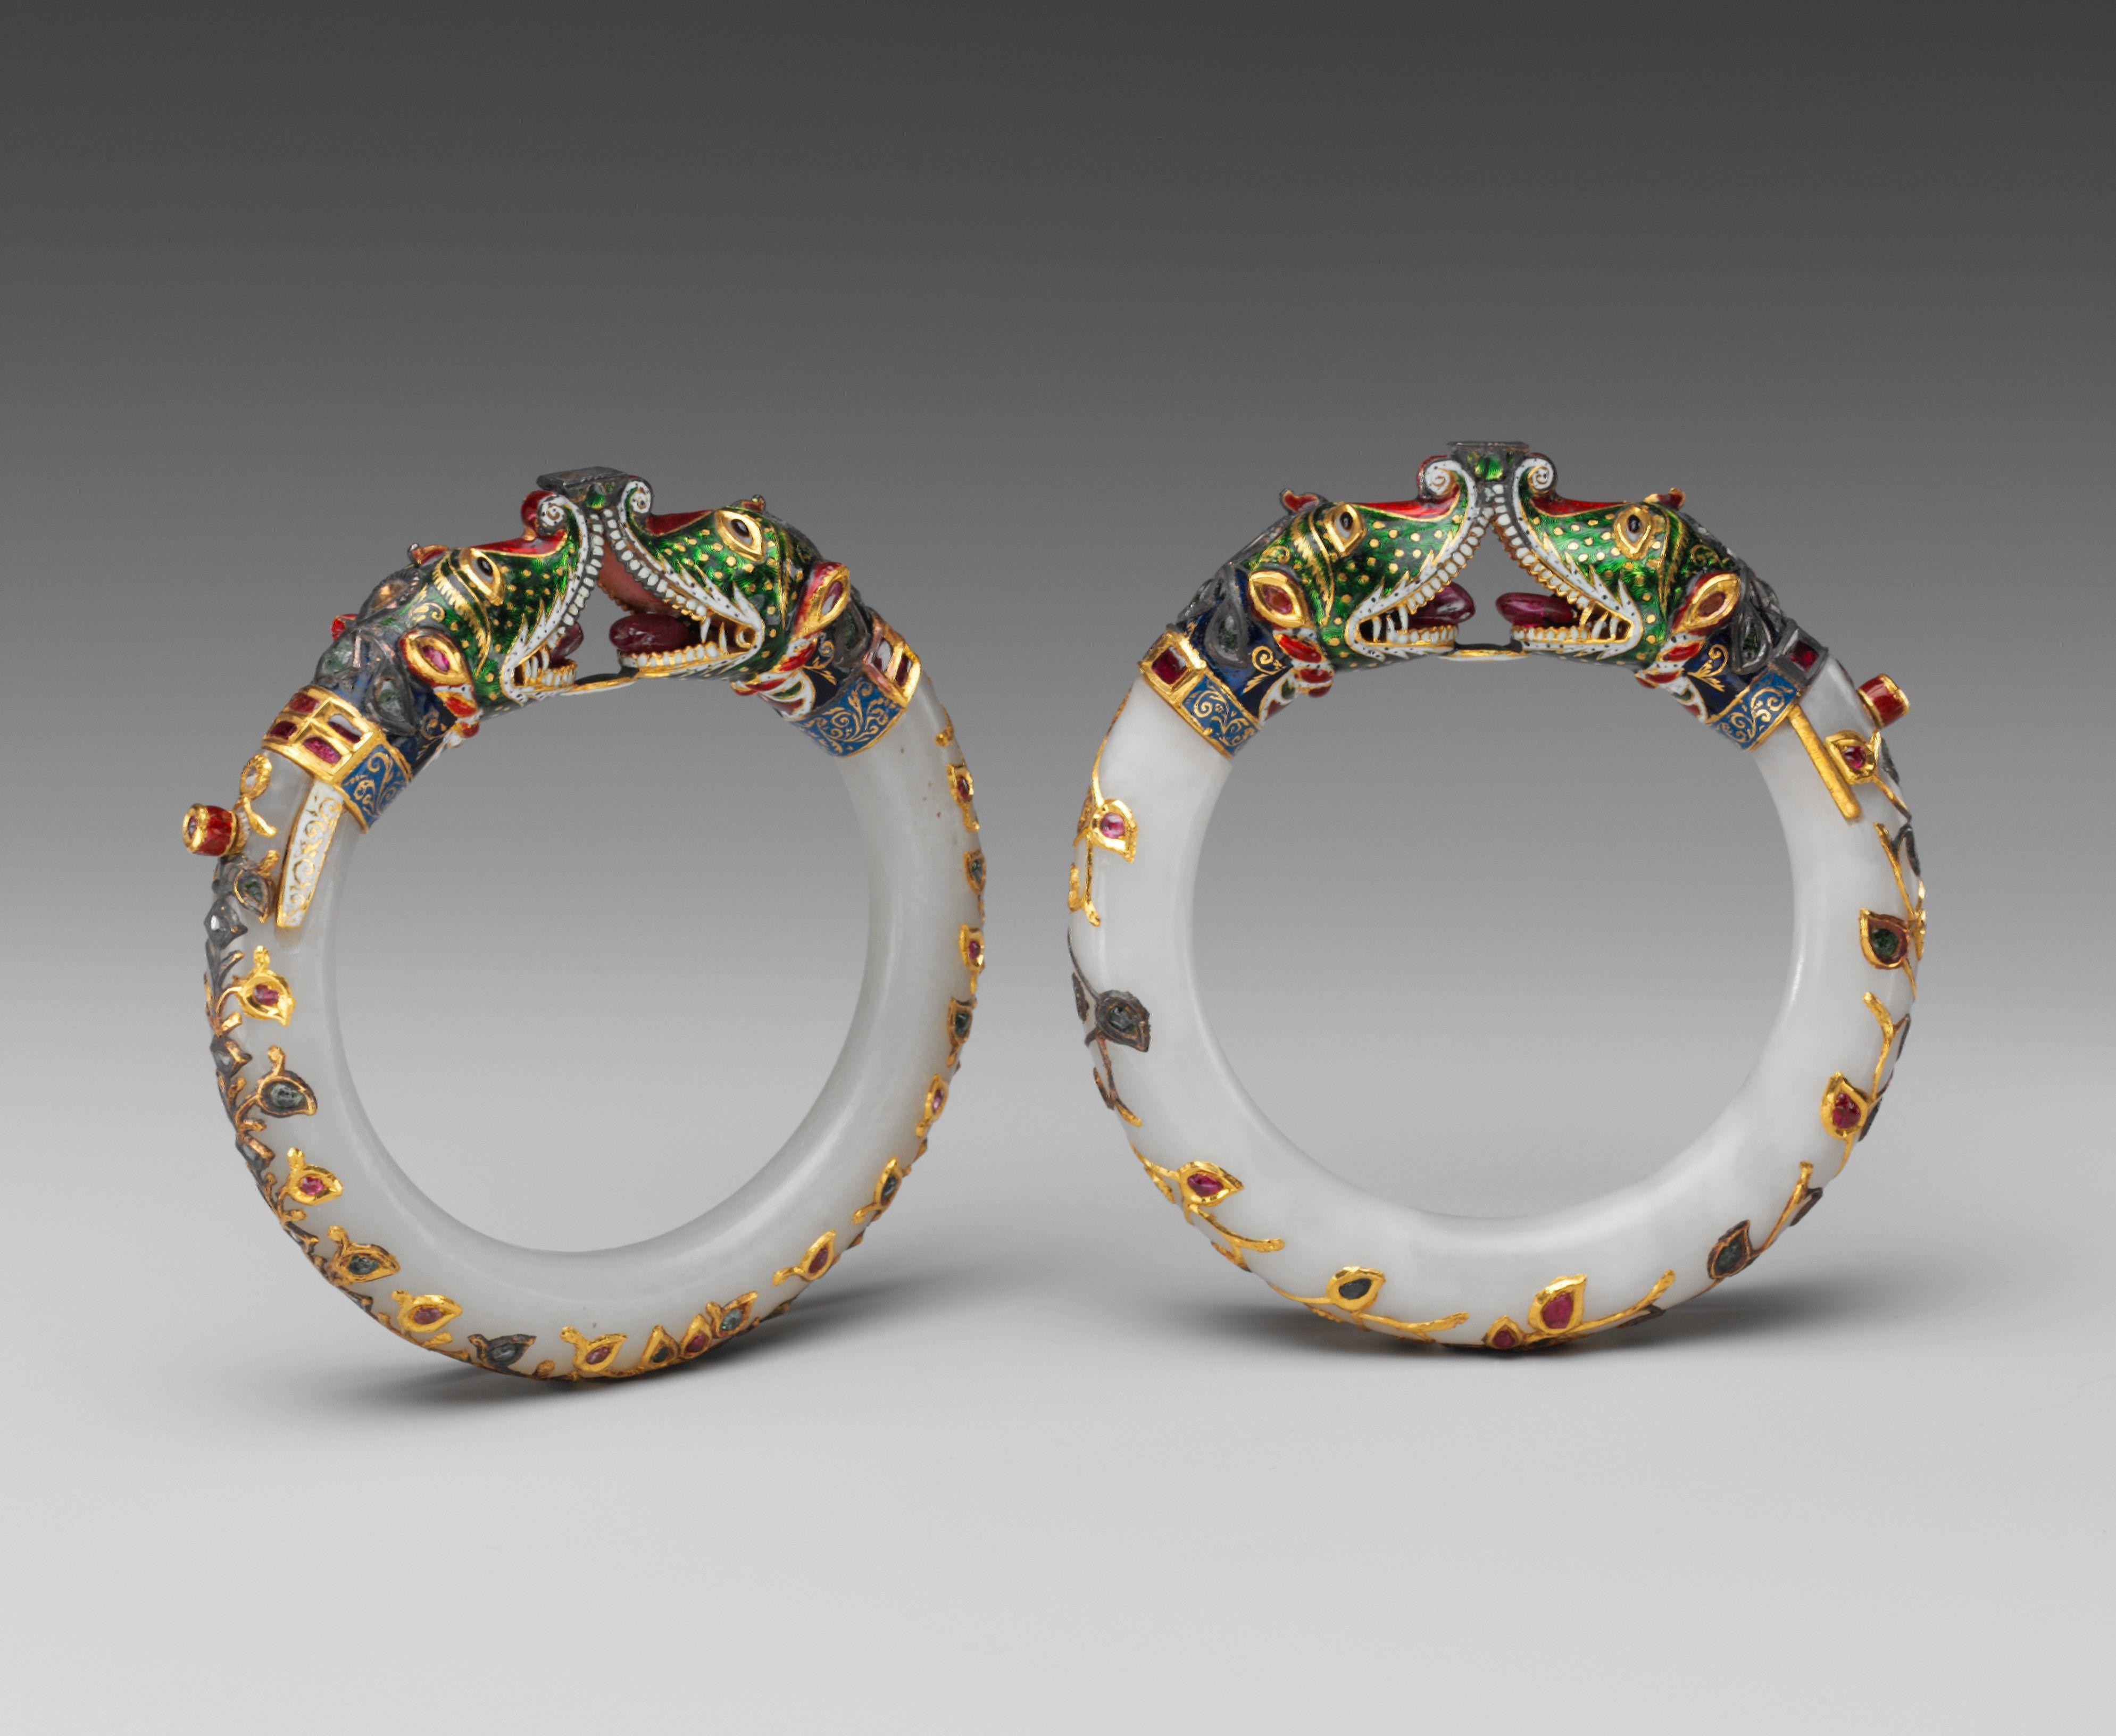 Bracelet India Mughal Period 1526 1858 Metropolitan Museum Of Art Indian